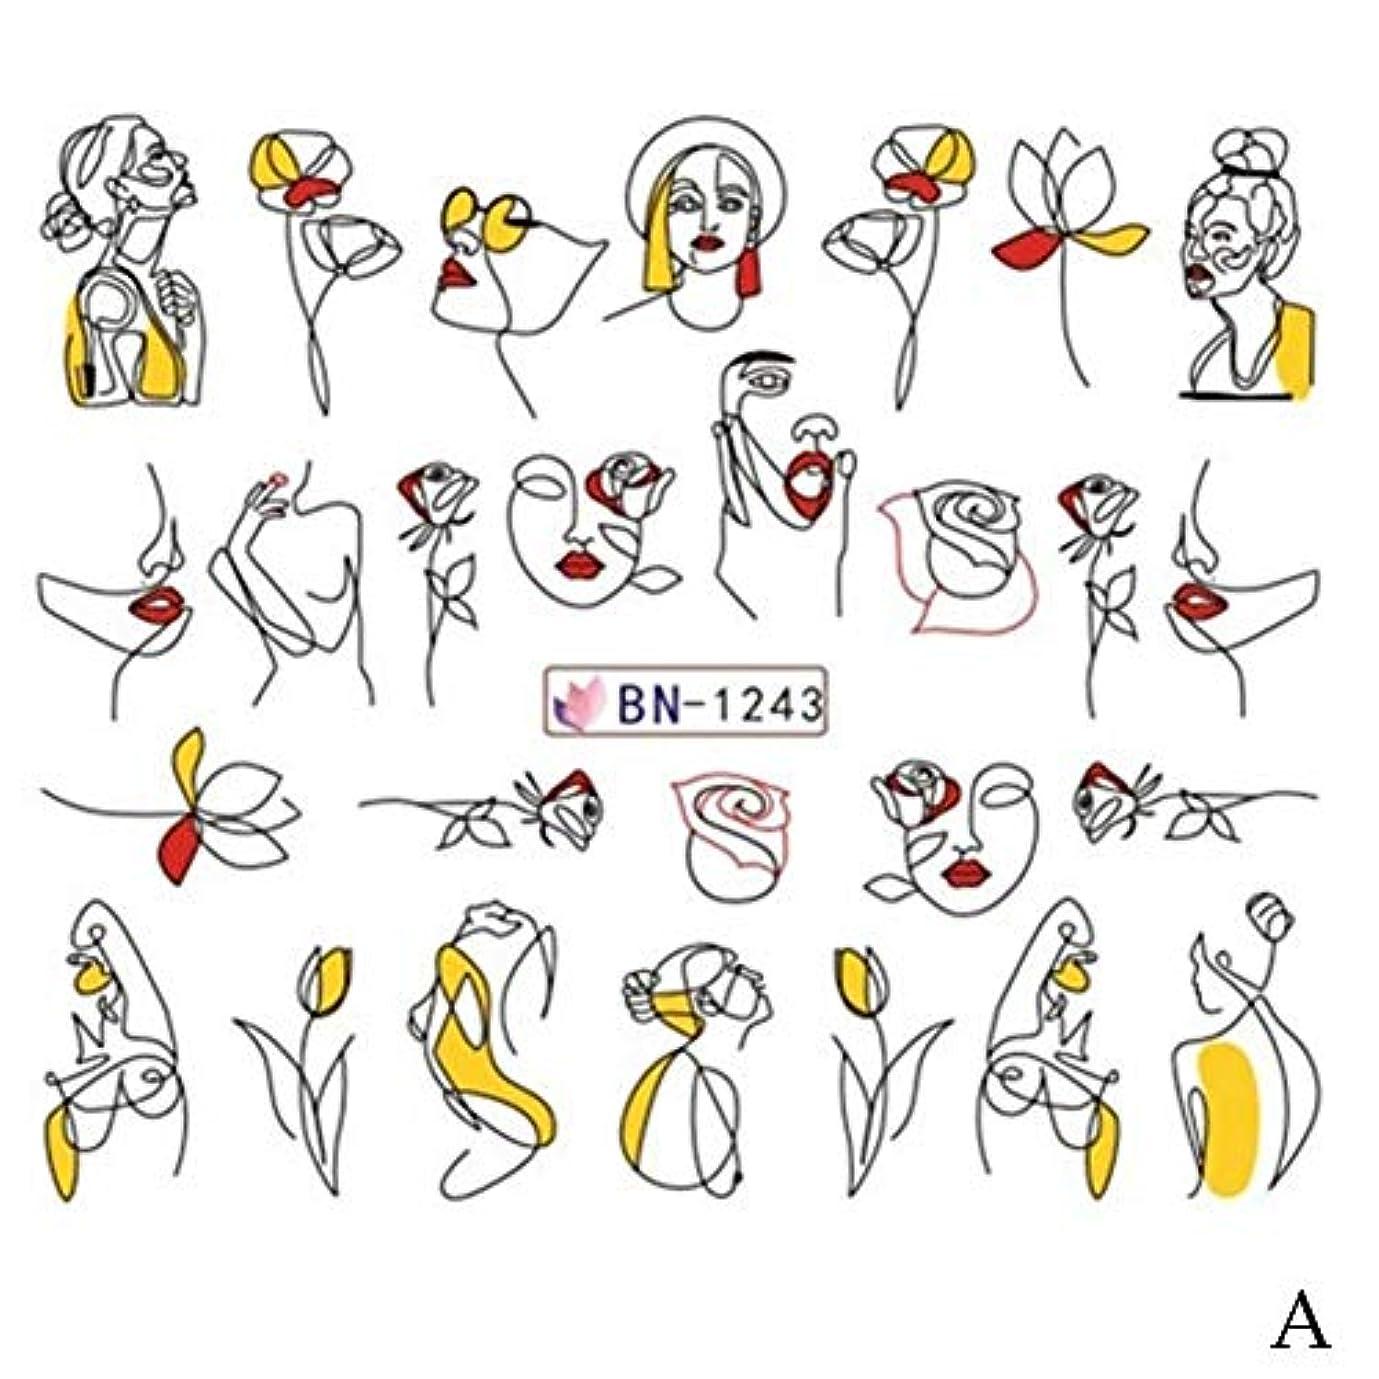 調和マントル十二BETTER YOU (ベター ュー) 透かしネイルステッカー、性格、女の子ネイルステッカー、ネイルジュエリー (A 01)